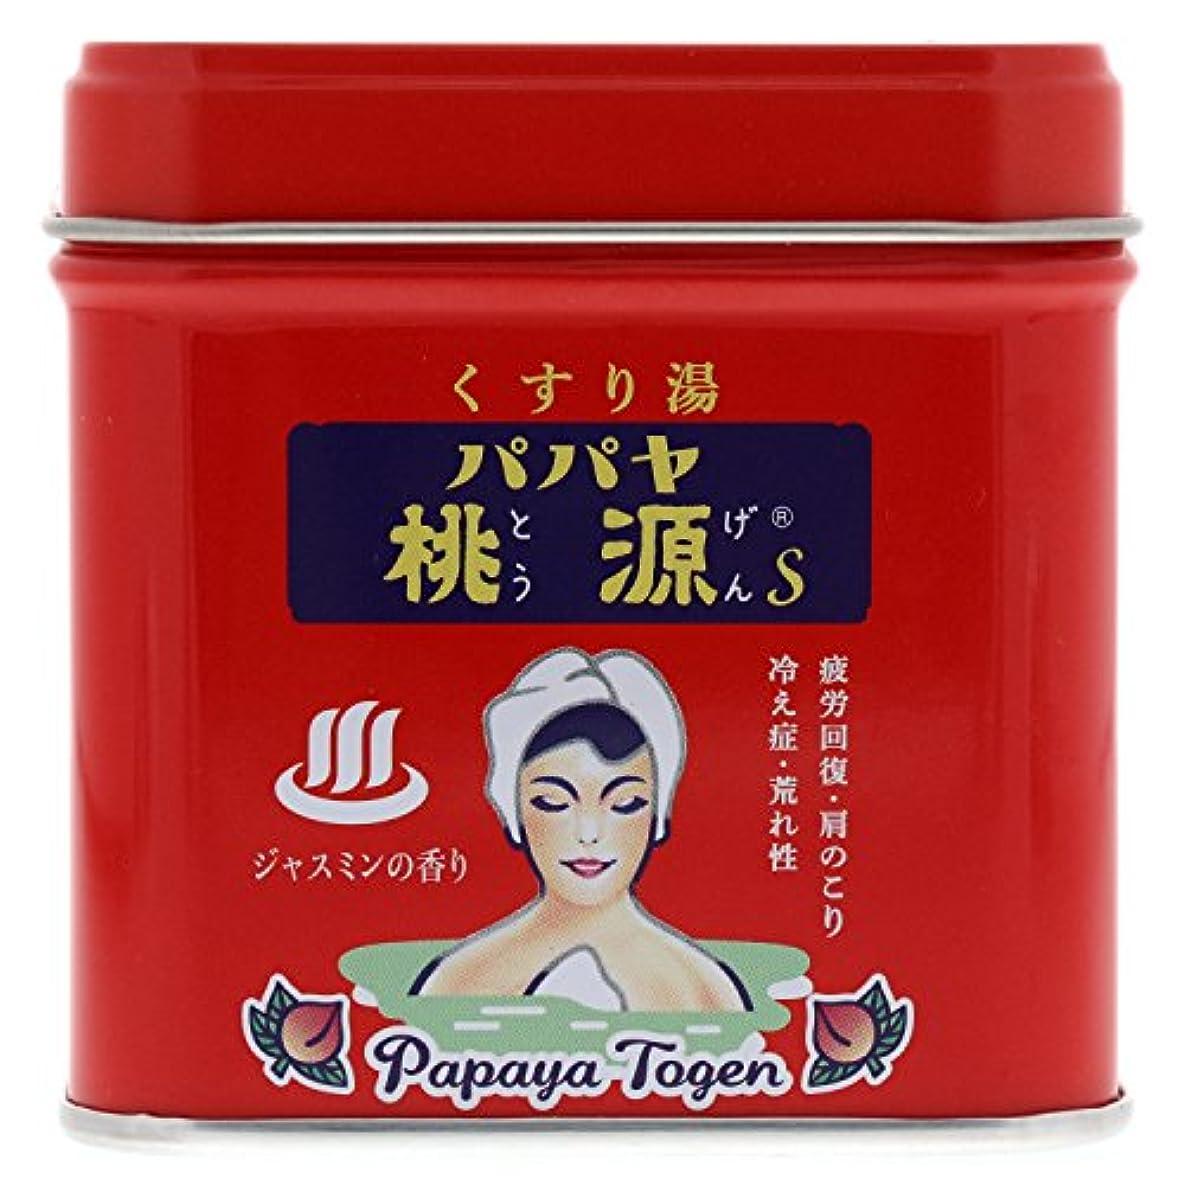 住む範囲レギュラーパパヤ桃源S70g缶 ジャスミンの香り [医薬部外品]